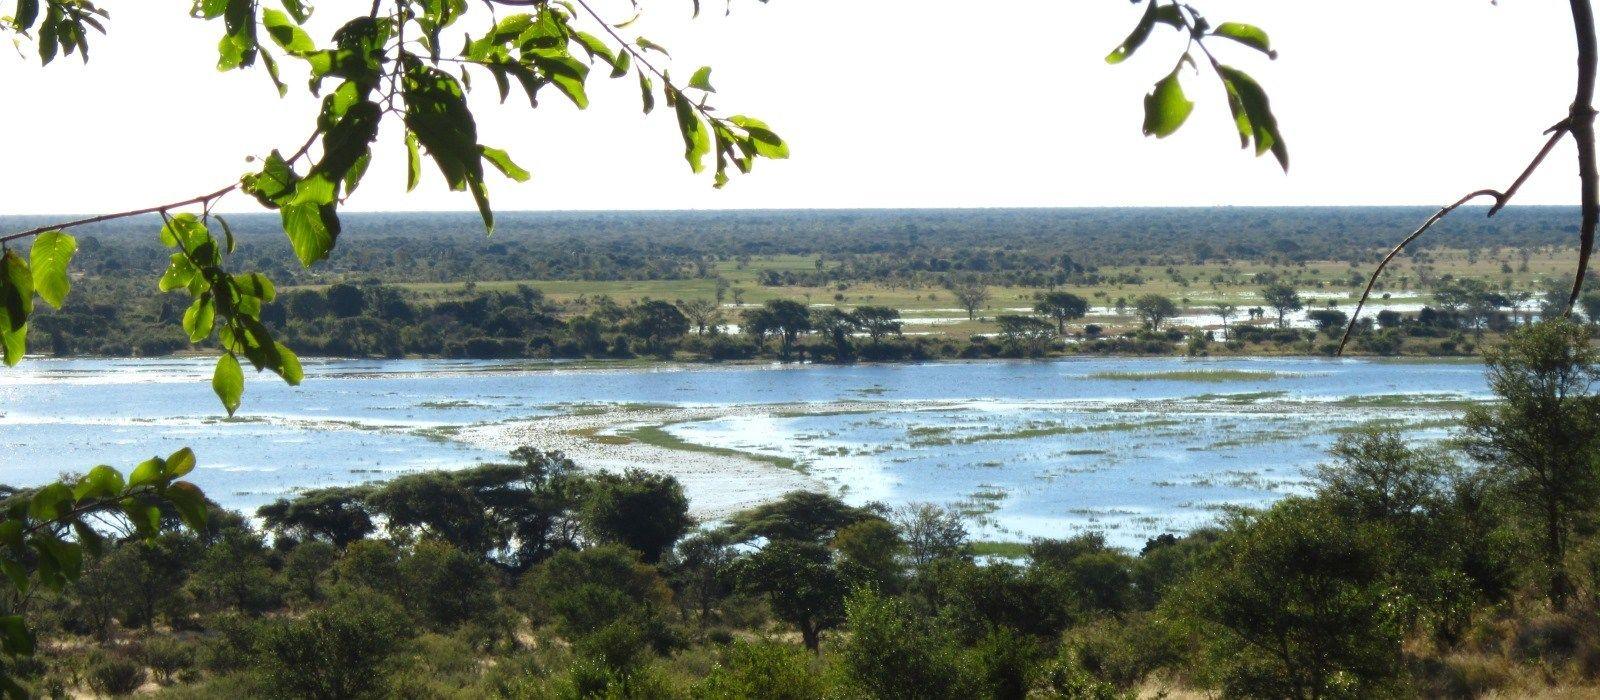 Botswana Luxusreise: Wasserwelten, Wüste & Sternenhimmel Urlaub 4